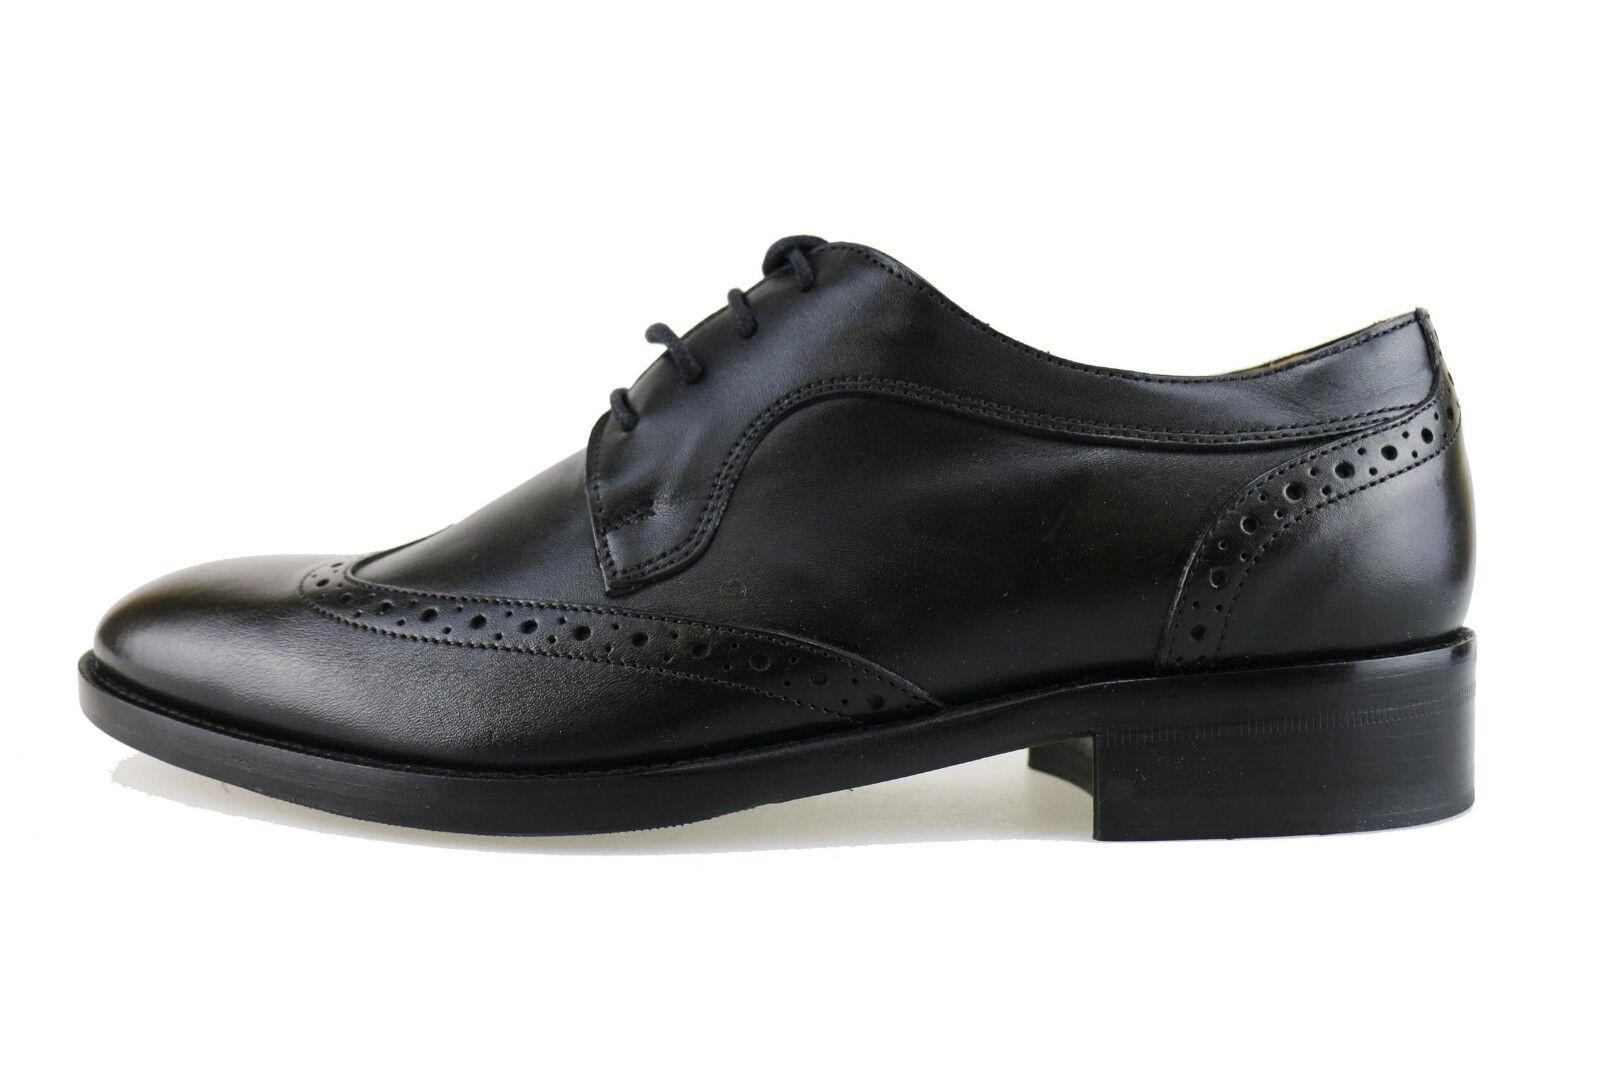 Schuhe Ah910 8 B Elegant Leather Hilton 42eu Classic Mens Schwarz k0wnOP